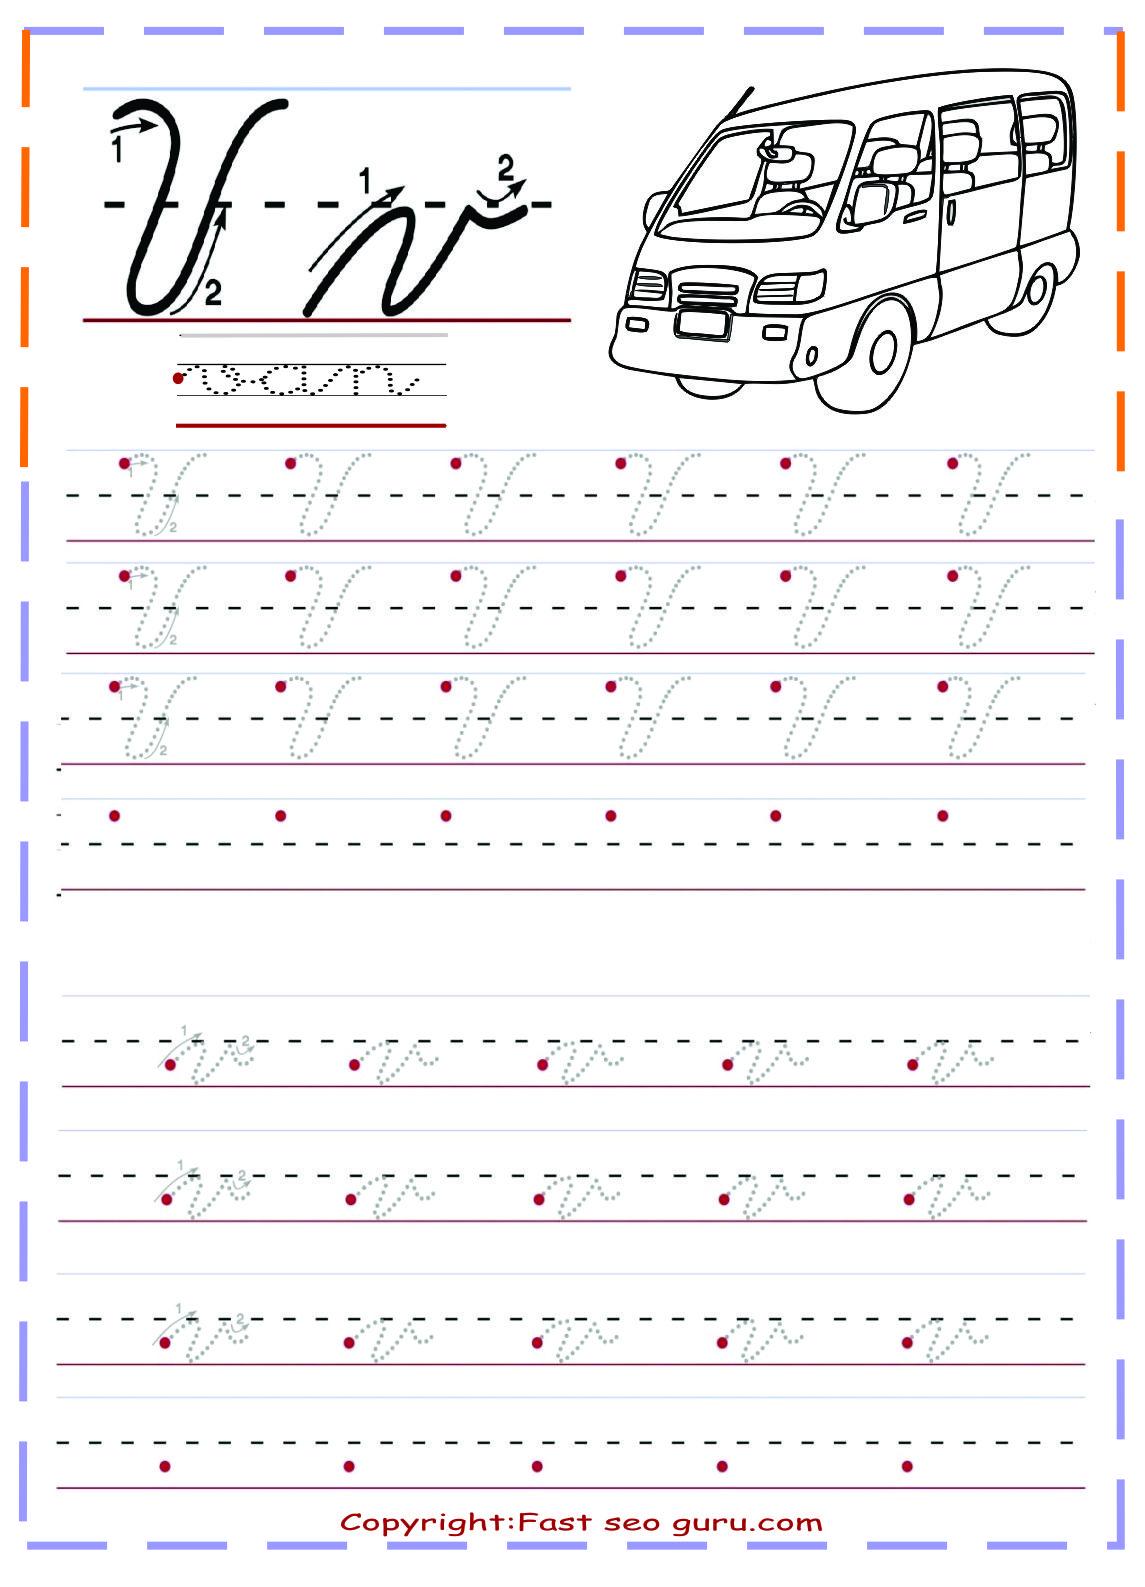 Cursive Handwriting Tracing Worksheets Letter V For Van